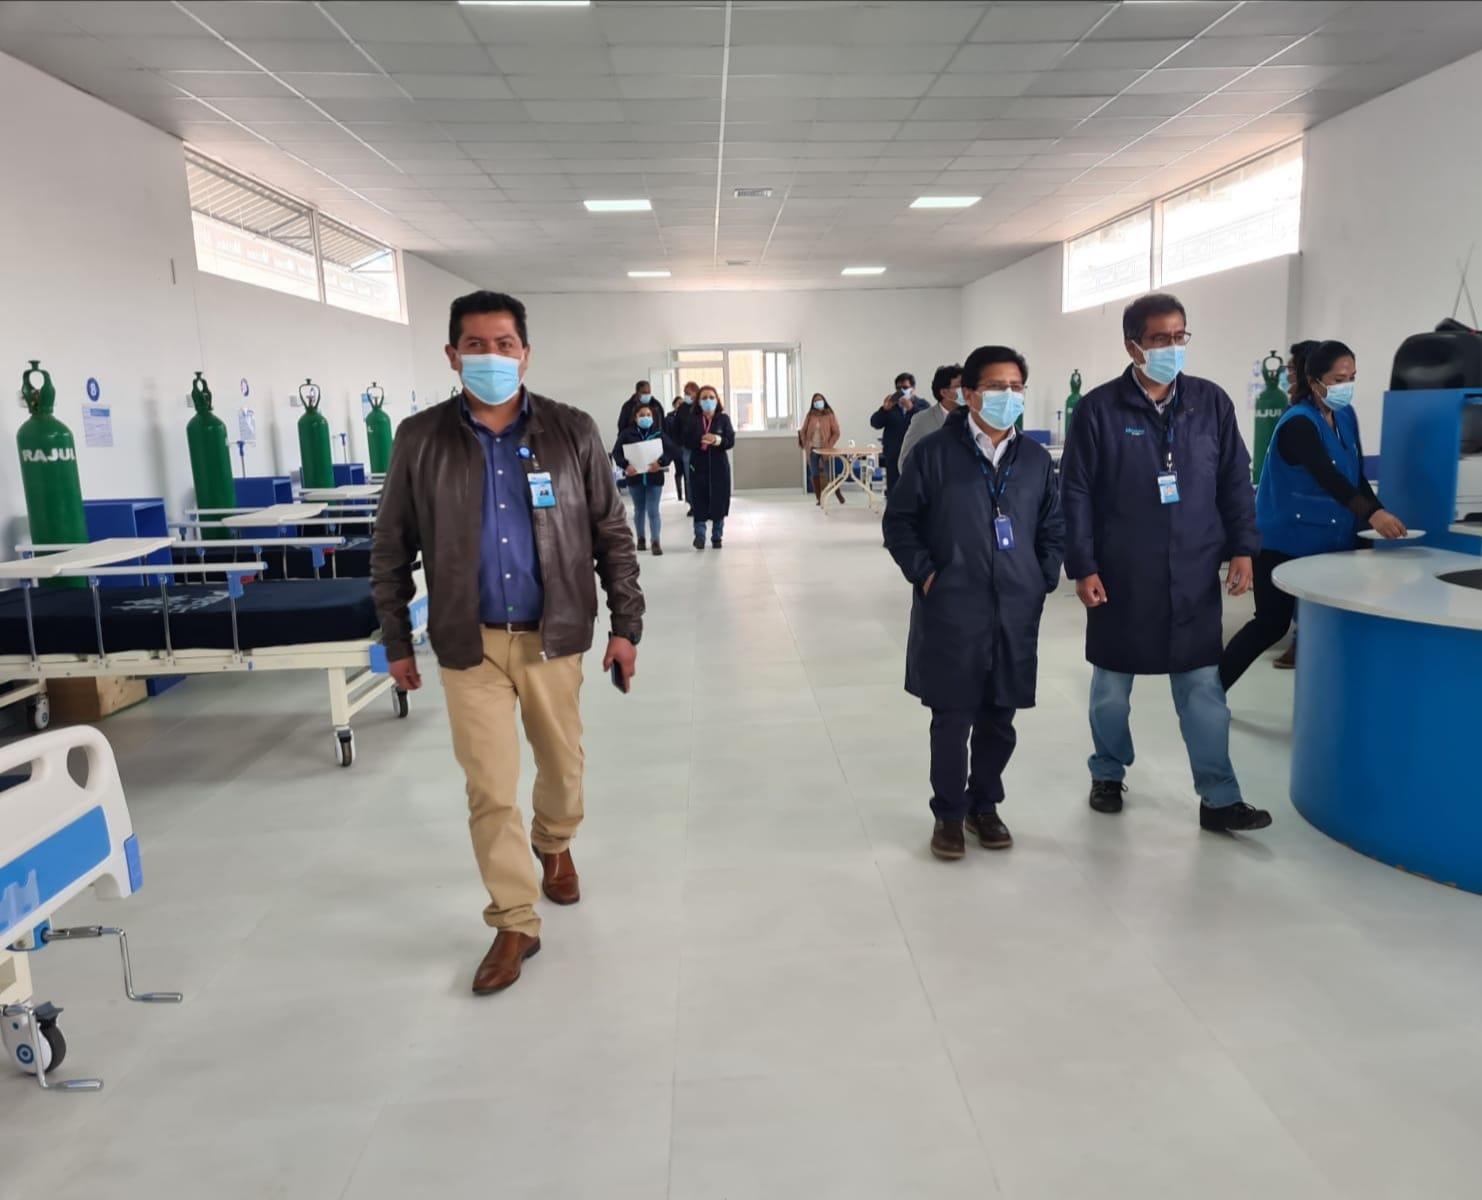 Essalud - EsSalud Juliaca implementa más camas hospitalarias en beneficio de los asegurados de esa zona del país